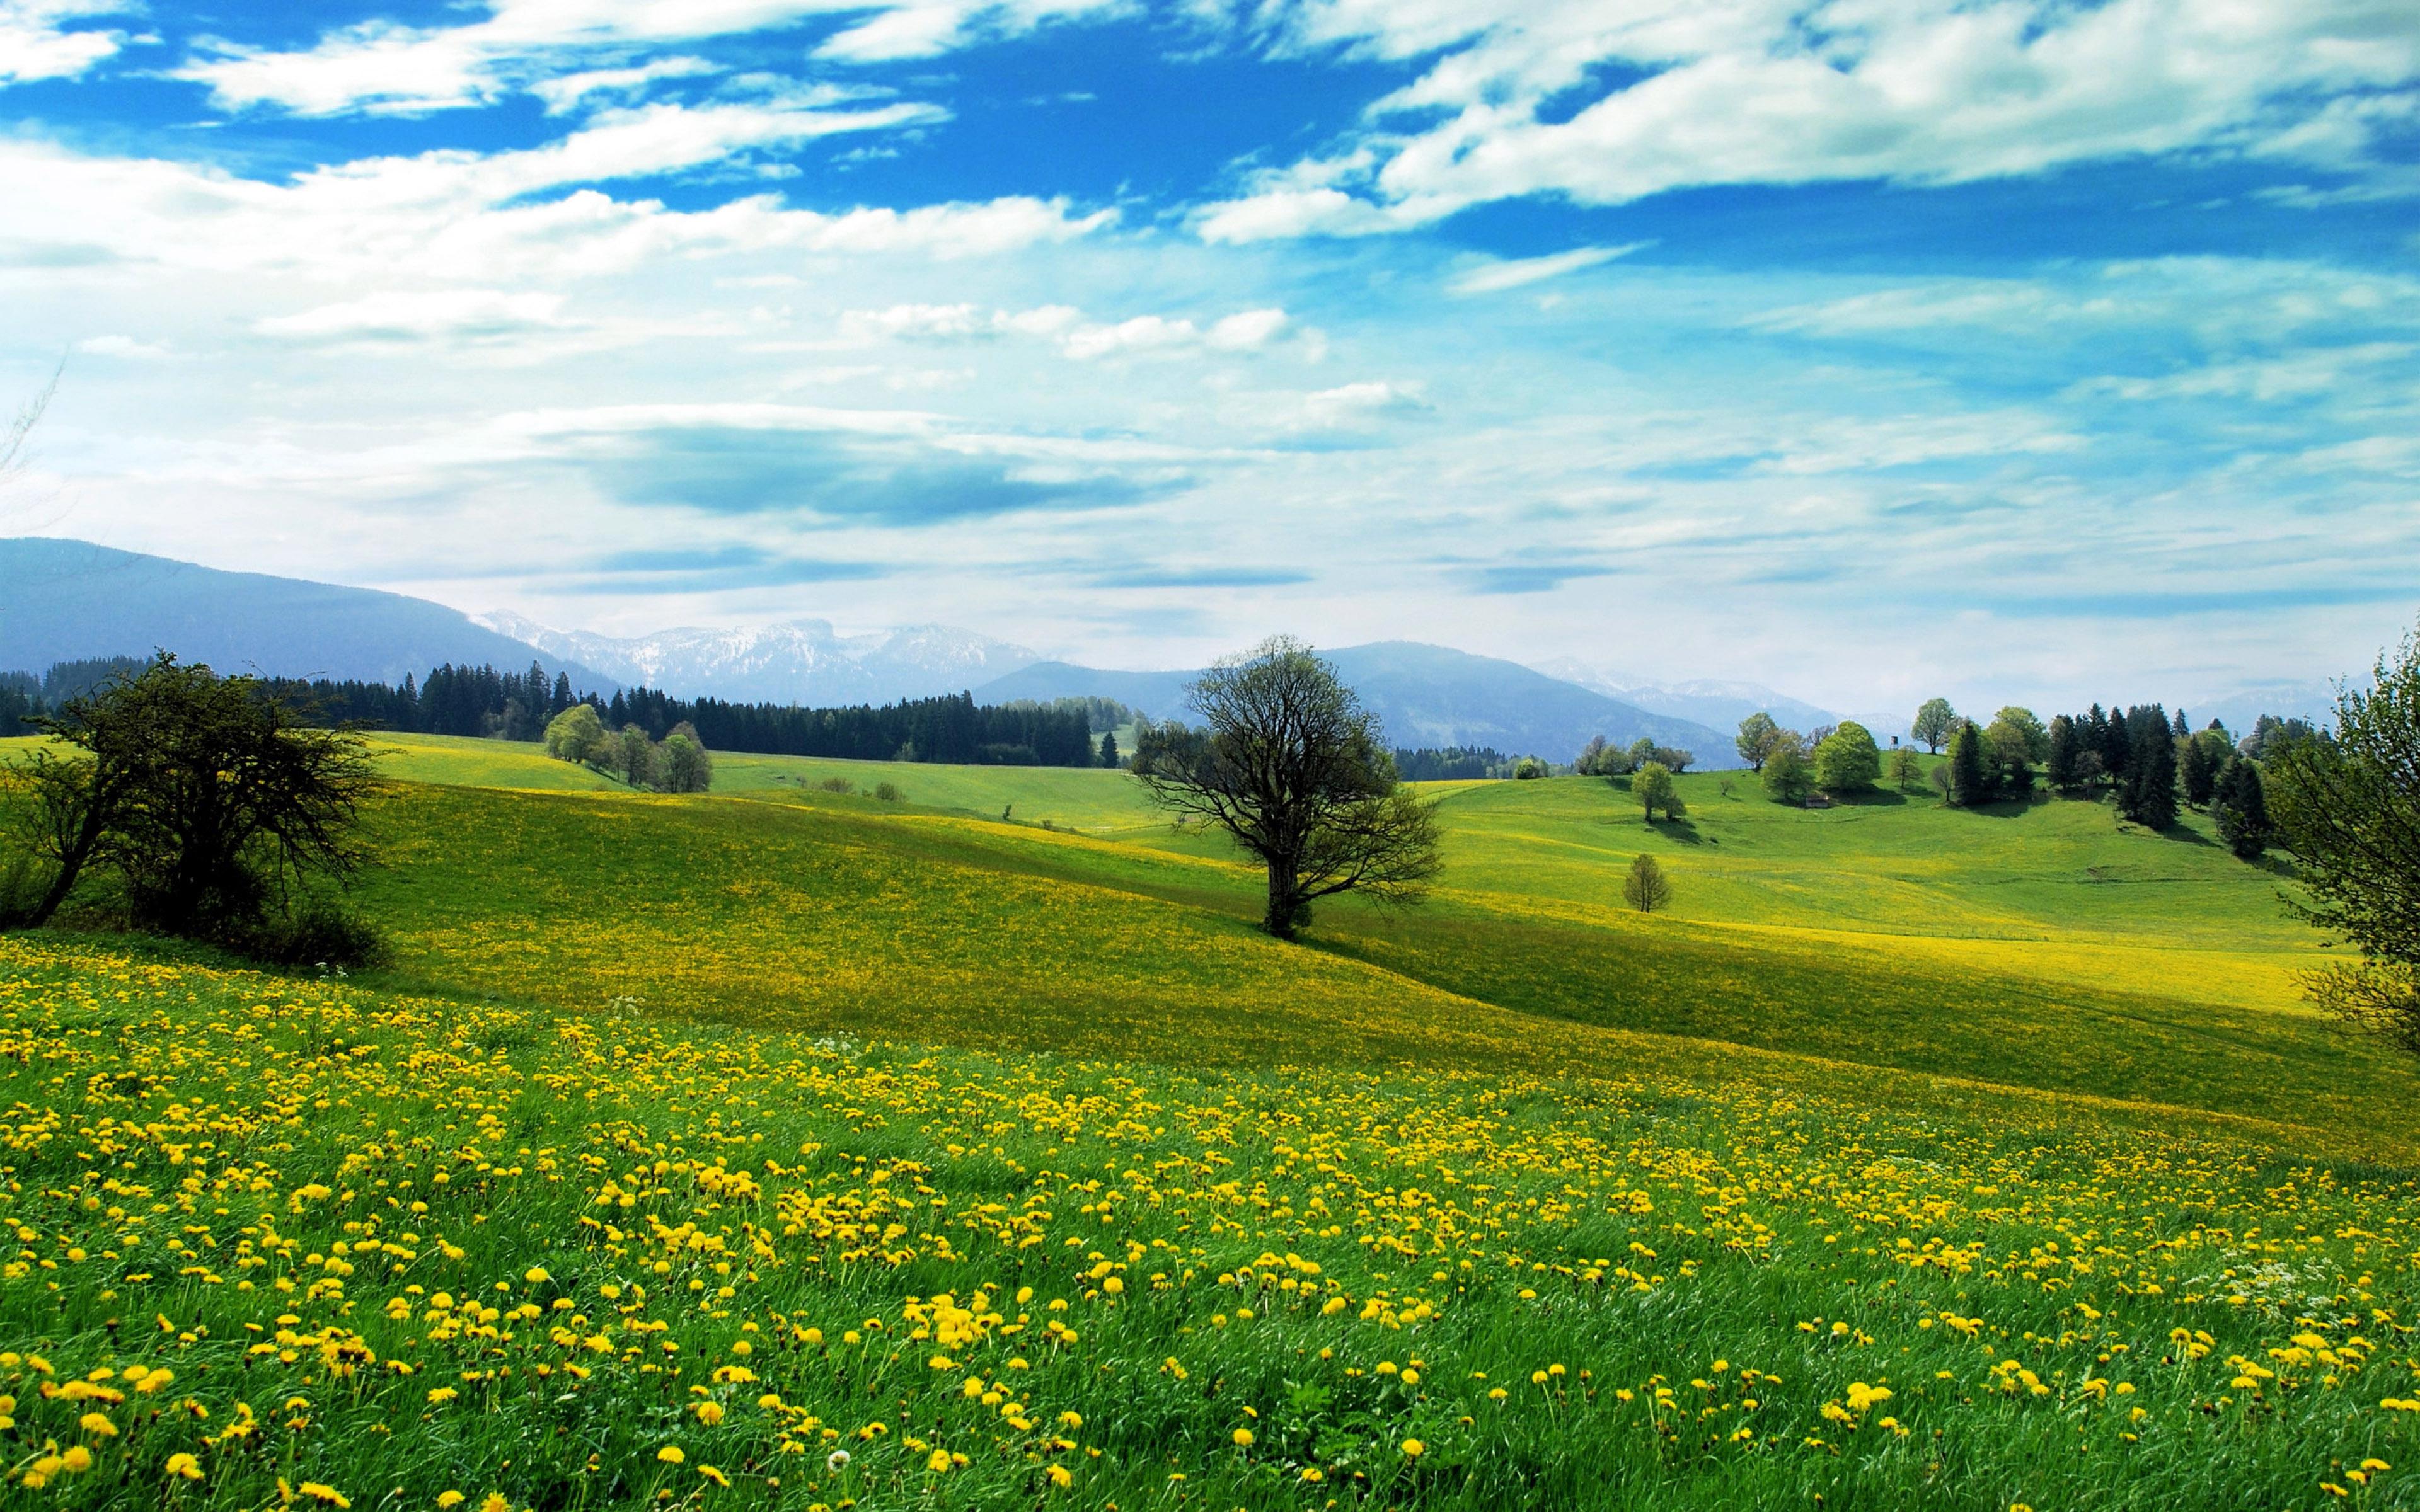 Большое поле одуванчиков под красивым небом весной, 3840 на 2400 пикселей